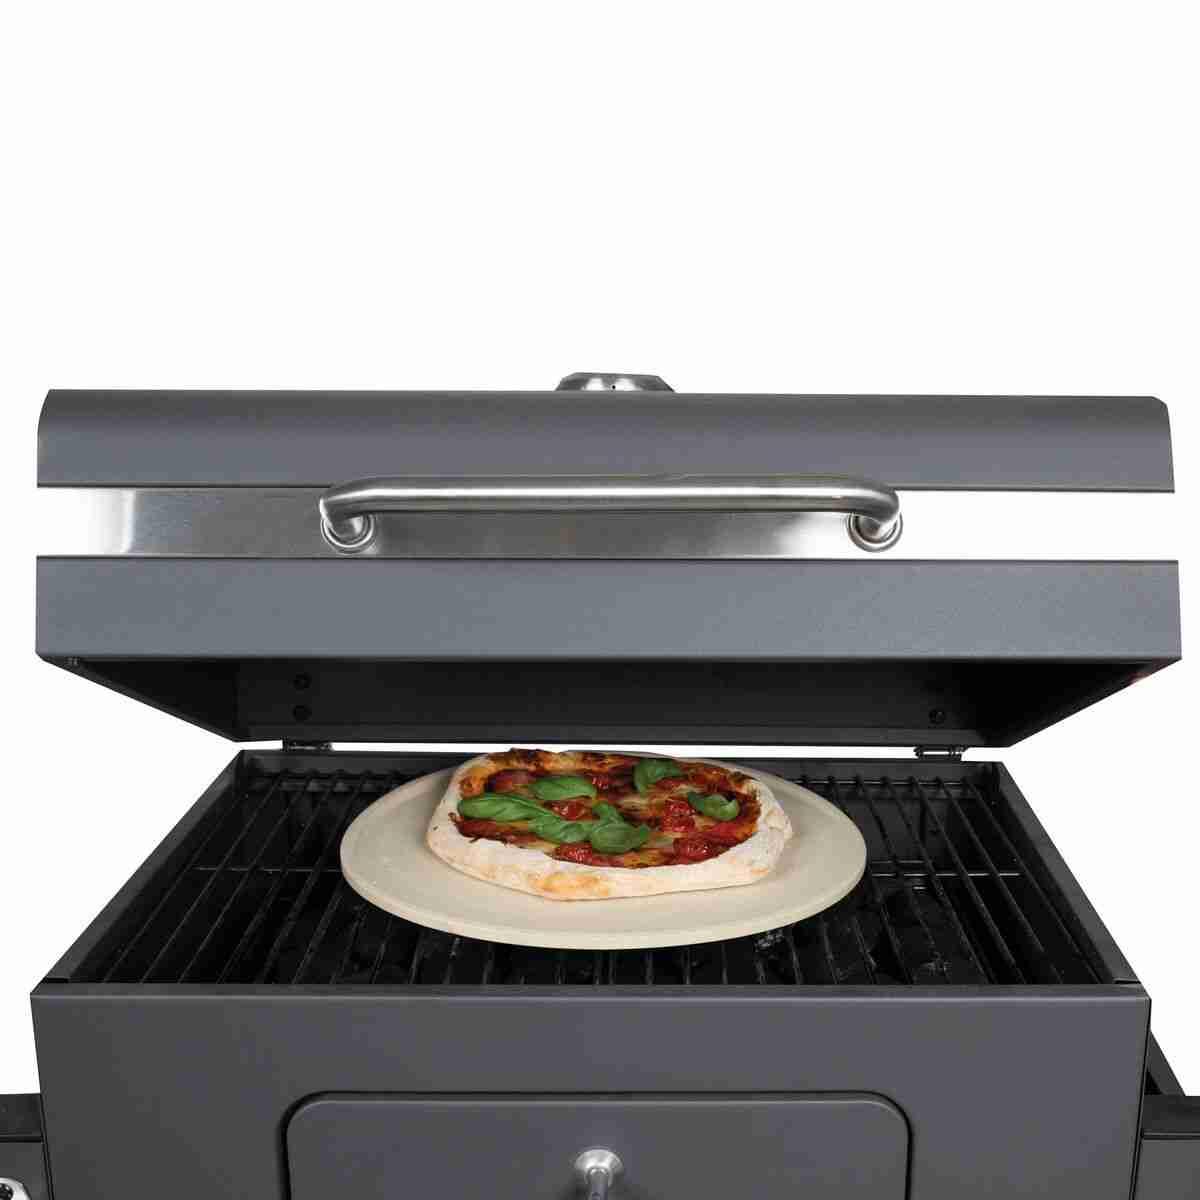 osoltus rotonda per pizza croccante Pietra per pizza professionale 30 cm x 1,5 cm